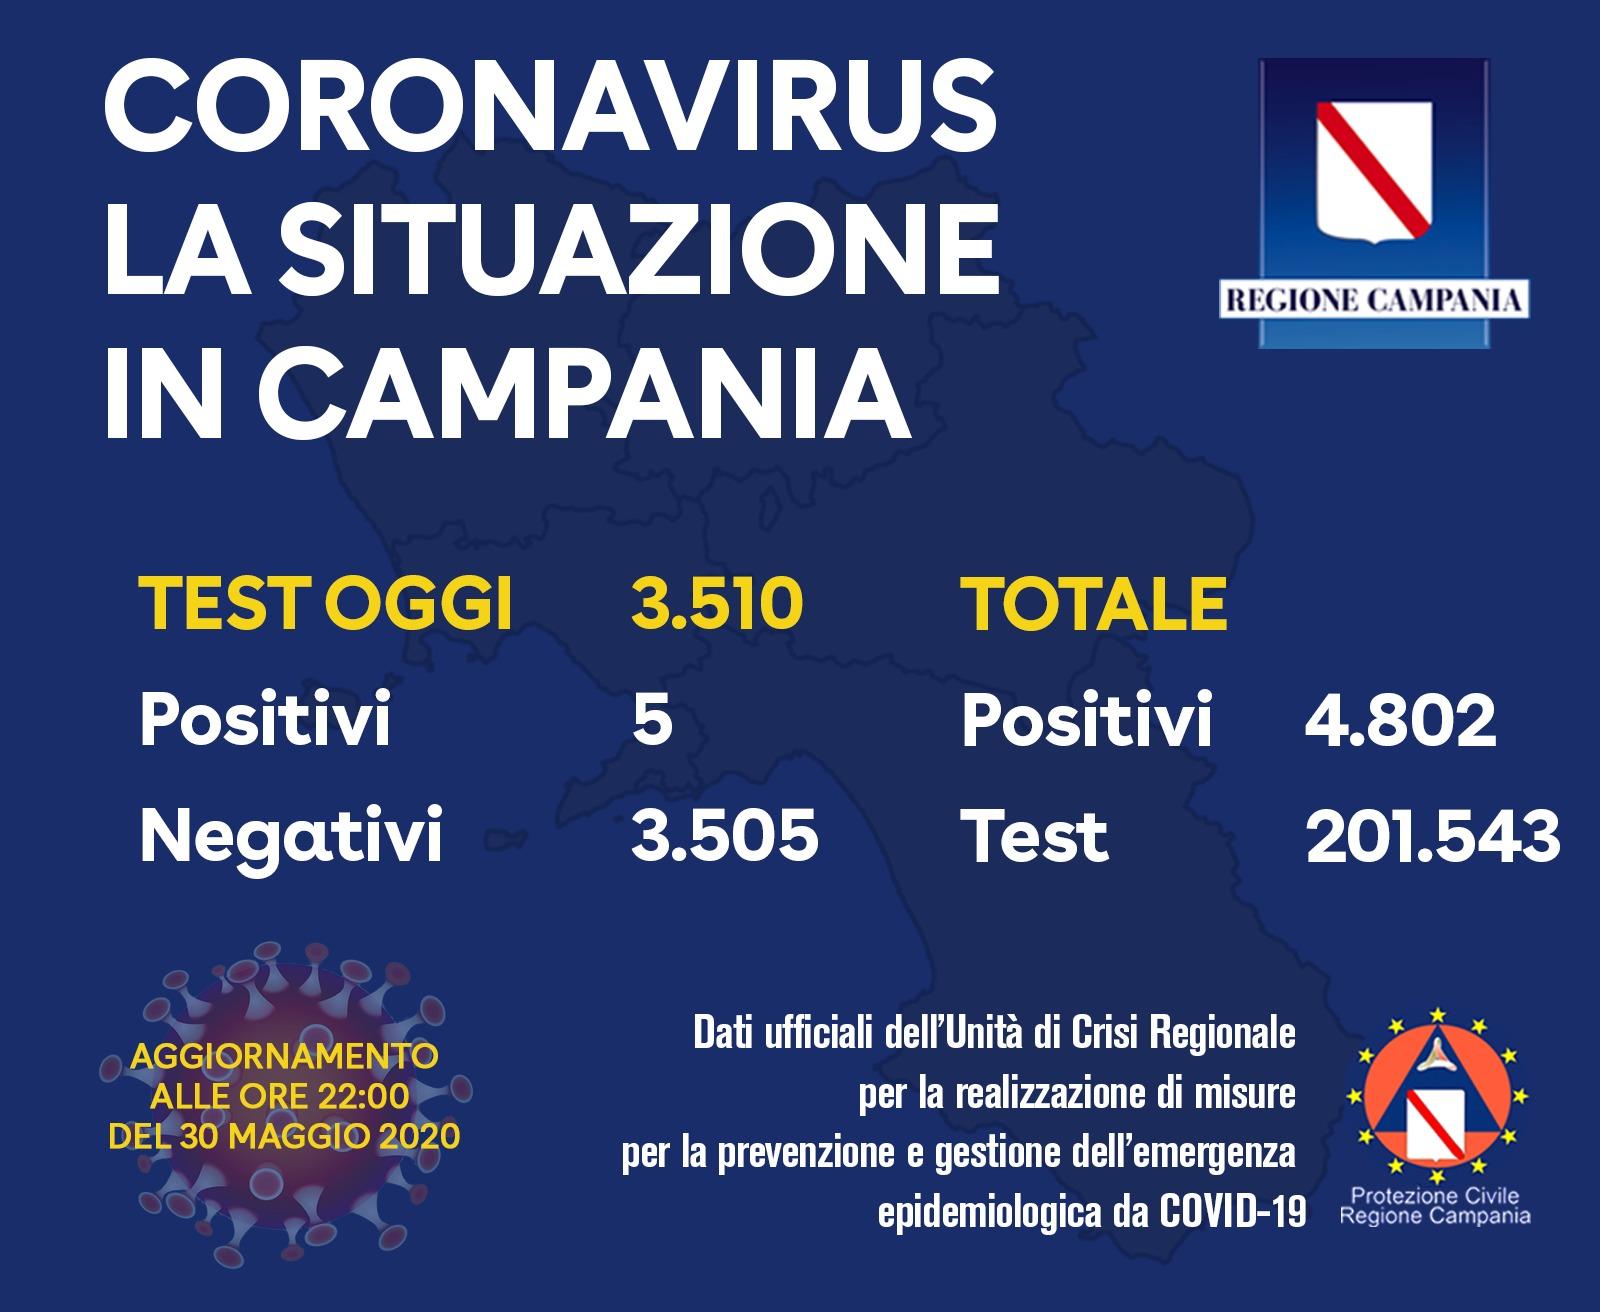 Photo of Coronavirus in Campania, 5 tamponi positivi su oltre 3.500 : il bollettino del 30 maggio